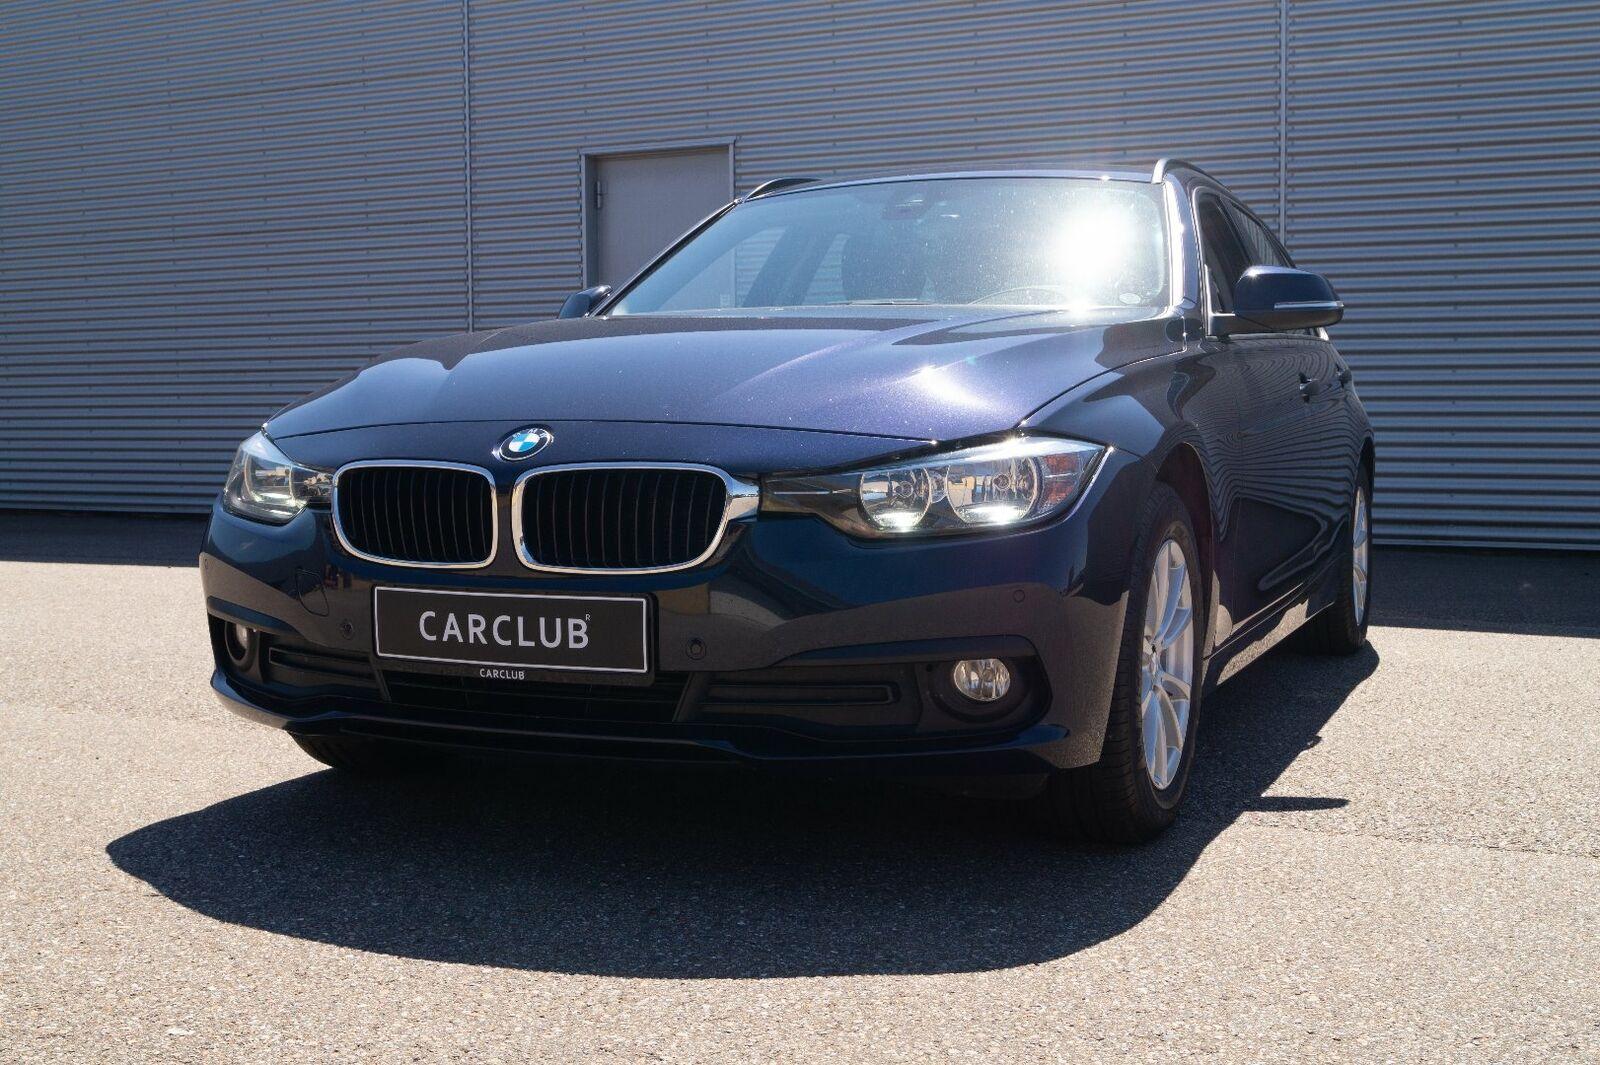 BMW 318d 2,0 Touring aut. 5d - 249.900 kr.